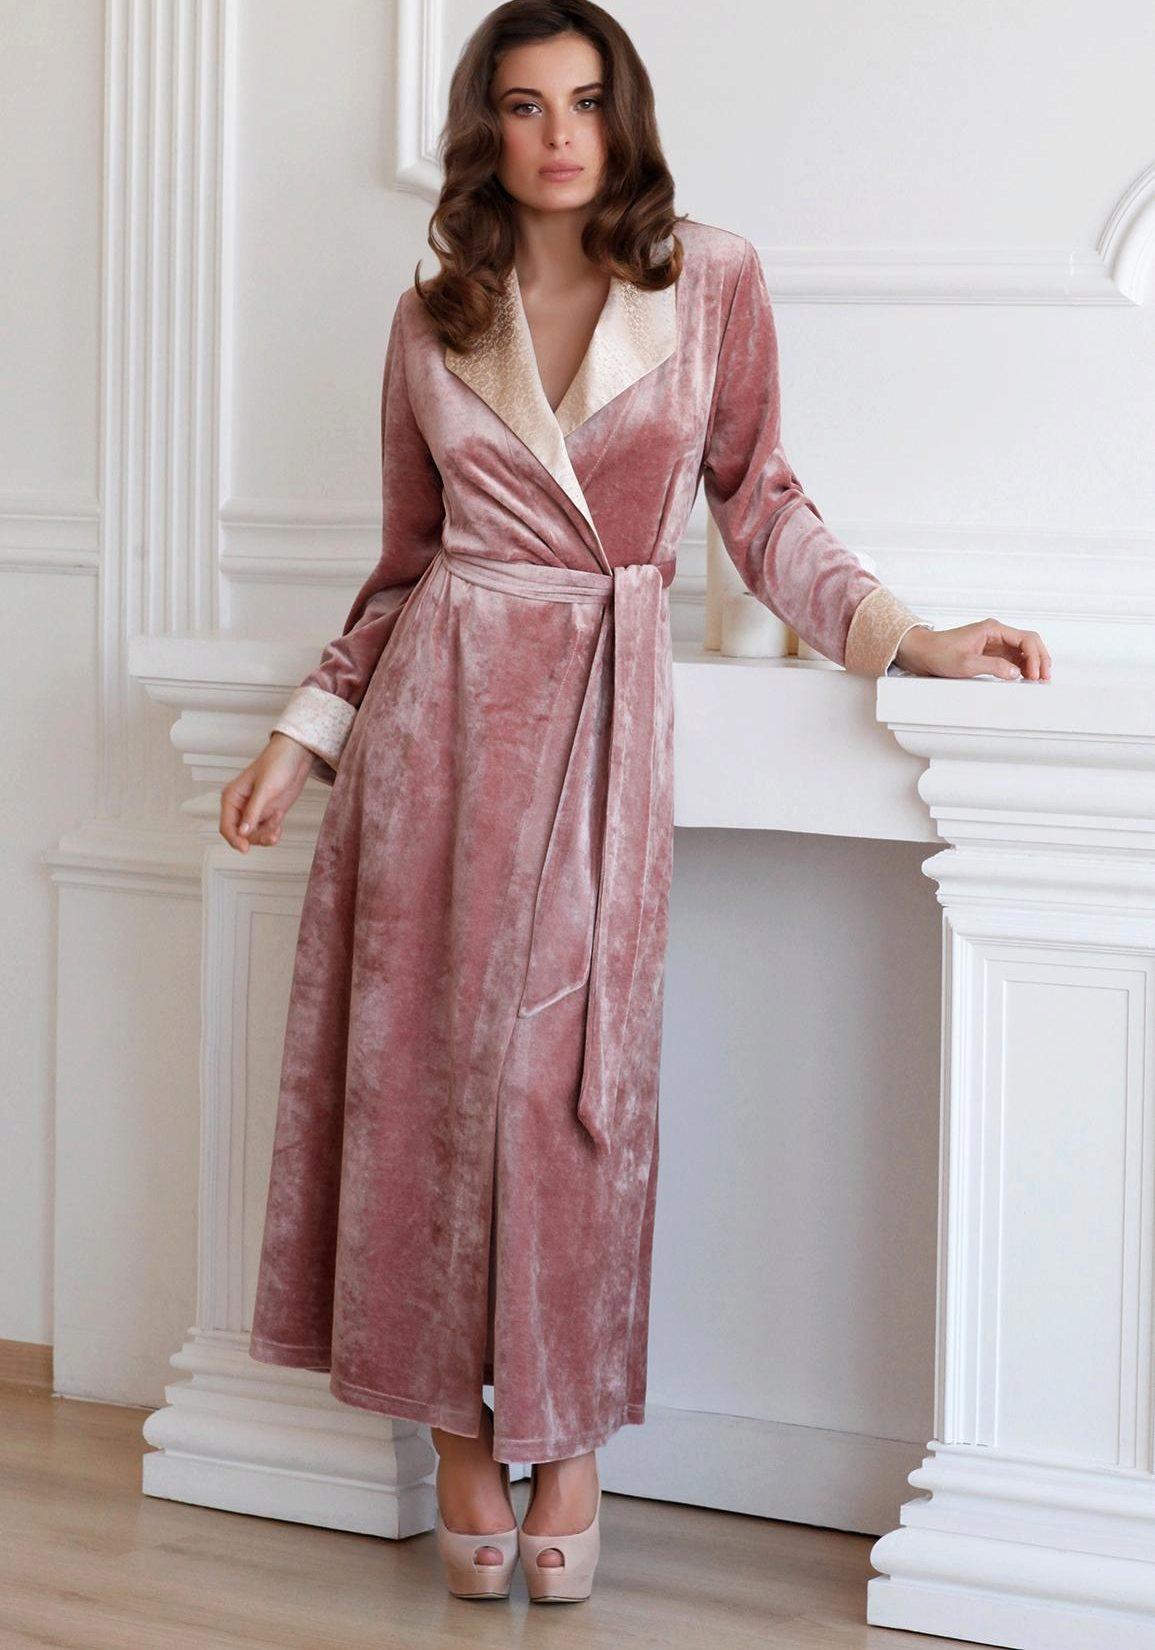 ba88a50e6b4 Модные халаты 2019 (306 фото)  красивые женские